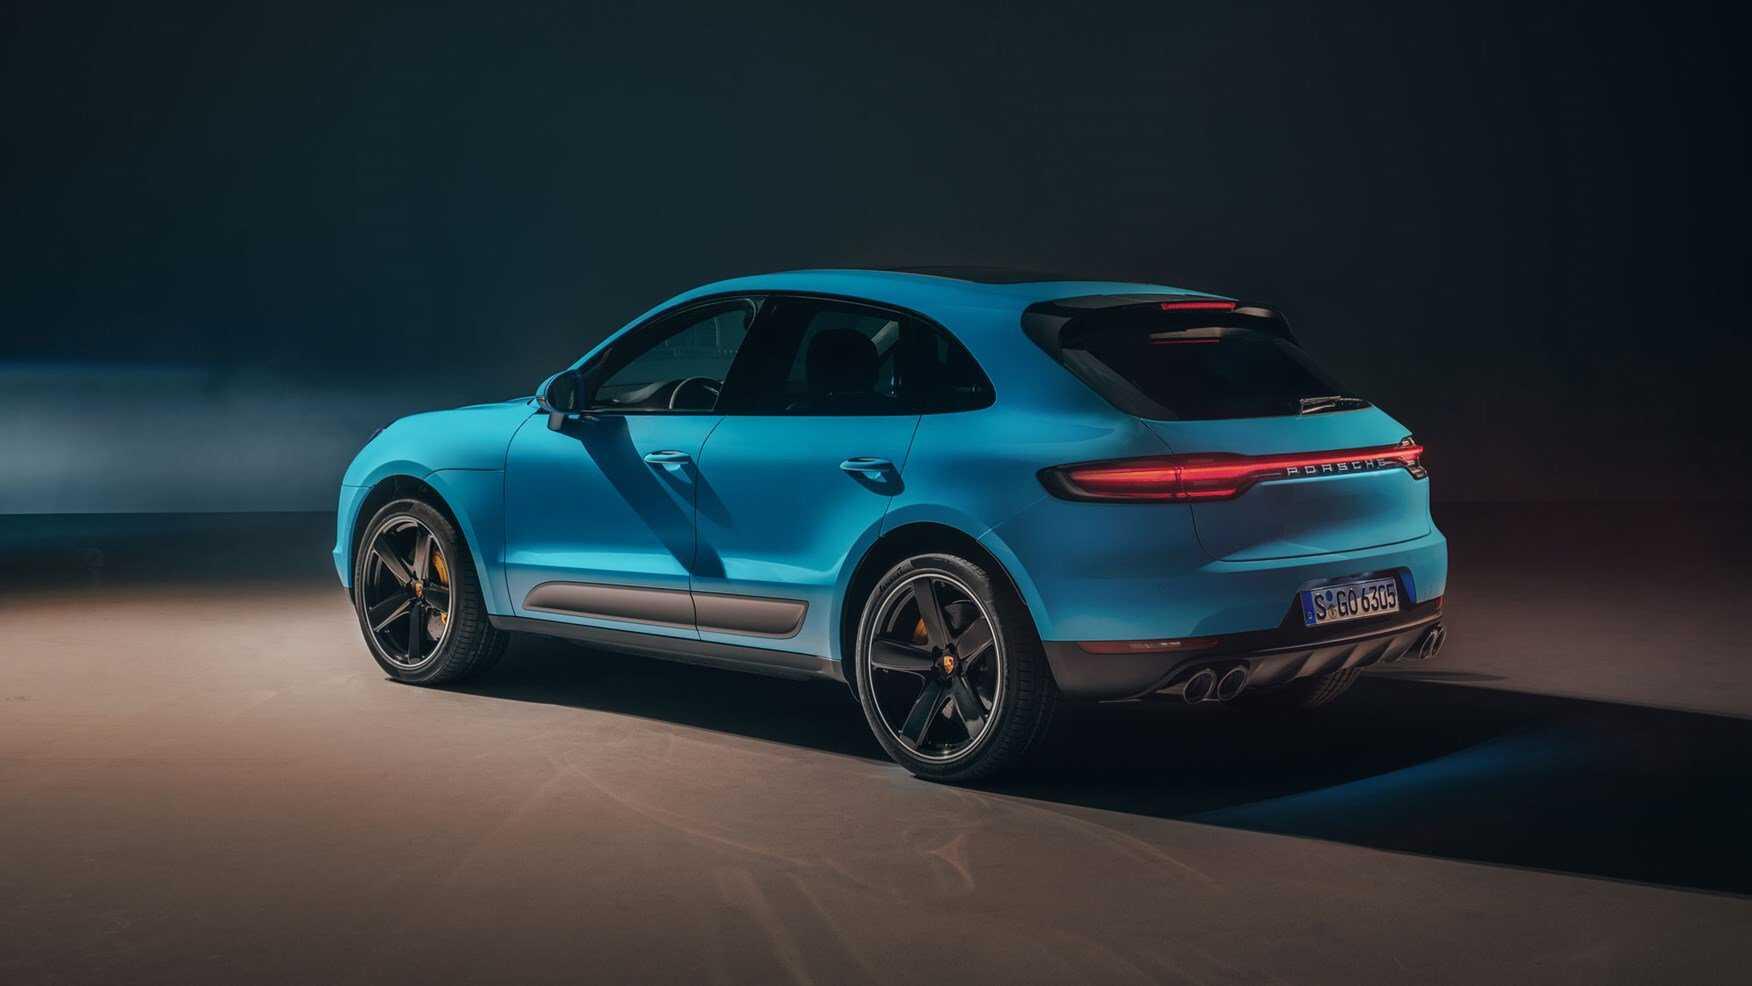 Yeni Porsche Macan yüzünü gösterdi